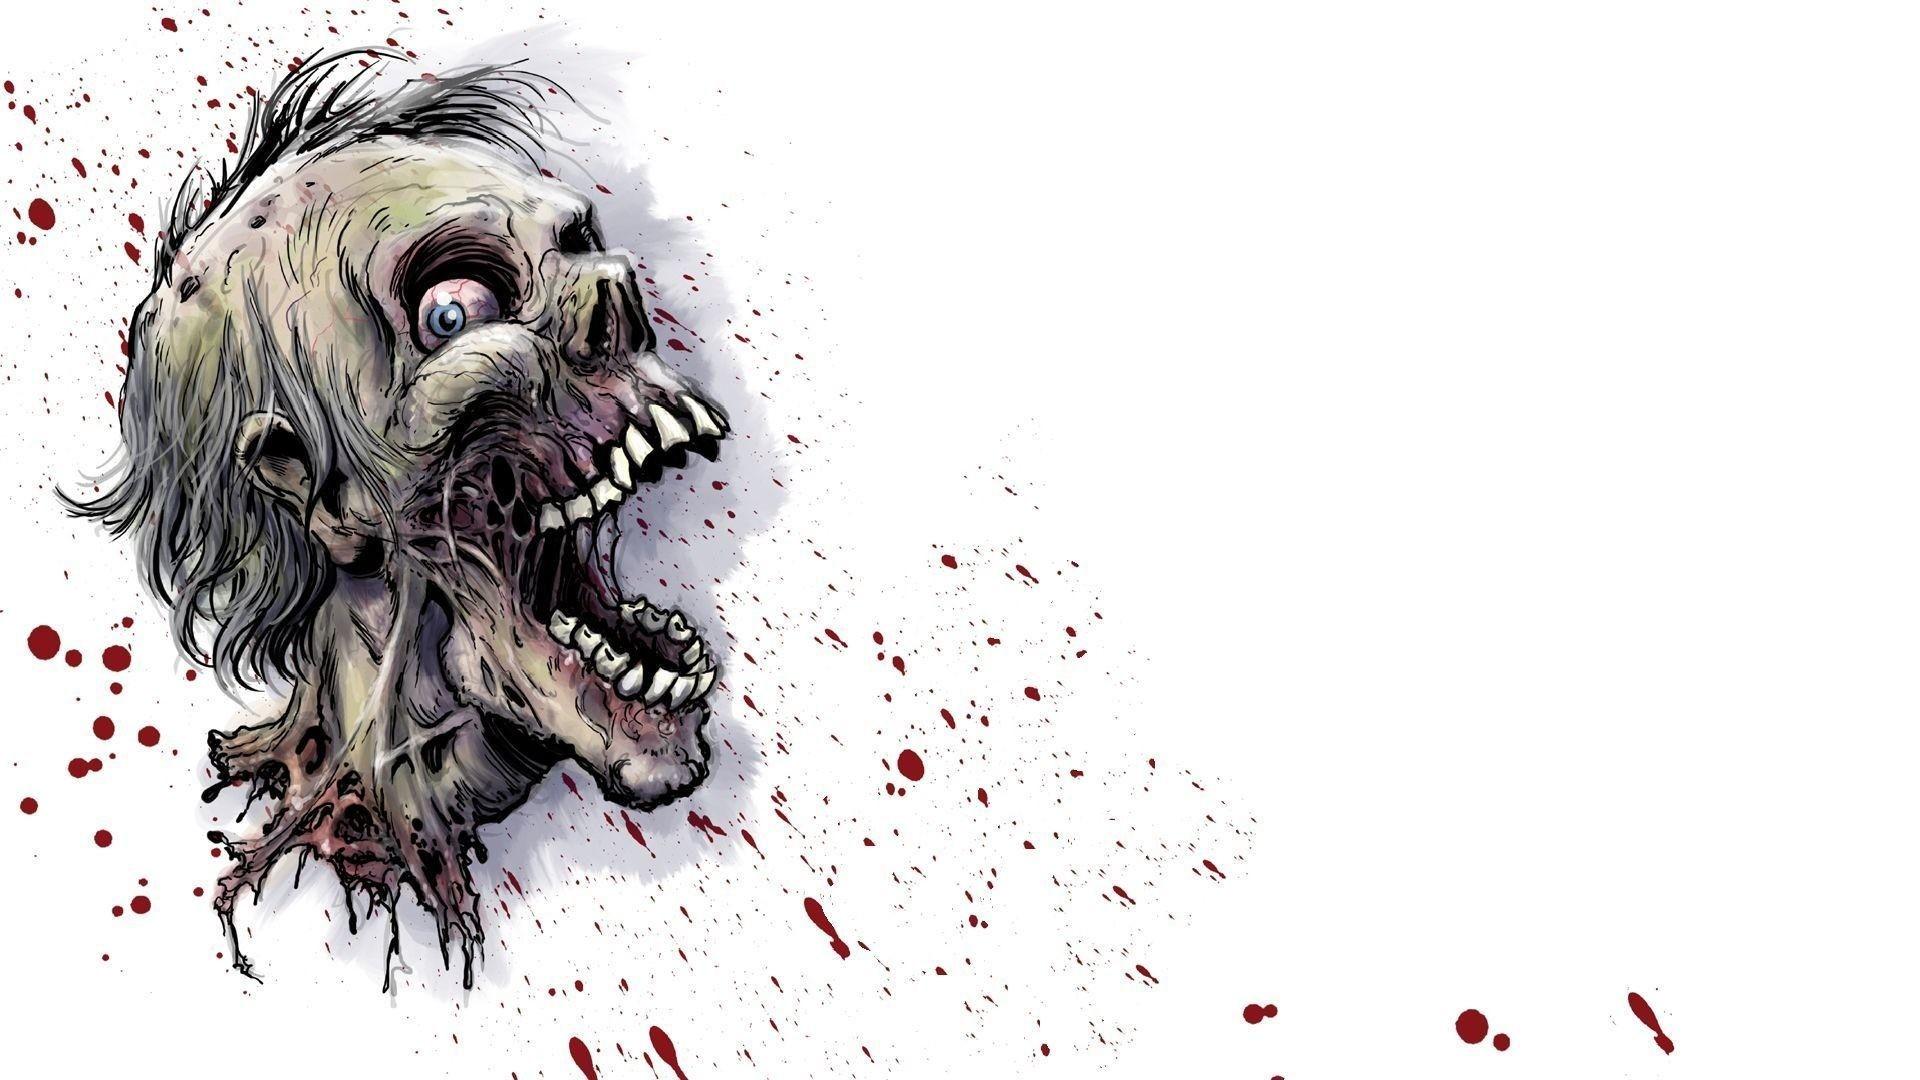 zombie-wallpaper-hd_PIC005200. Â«Â«